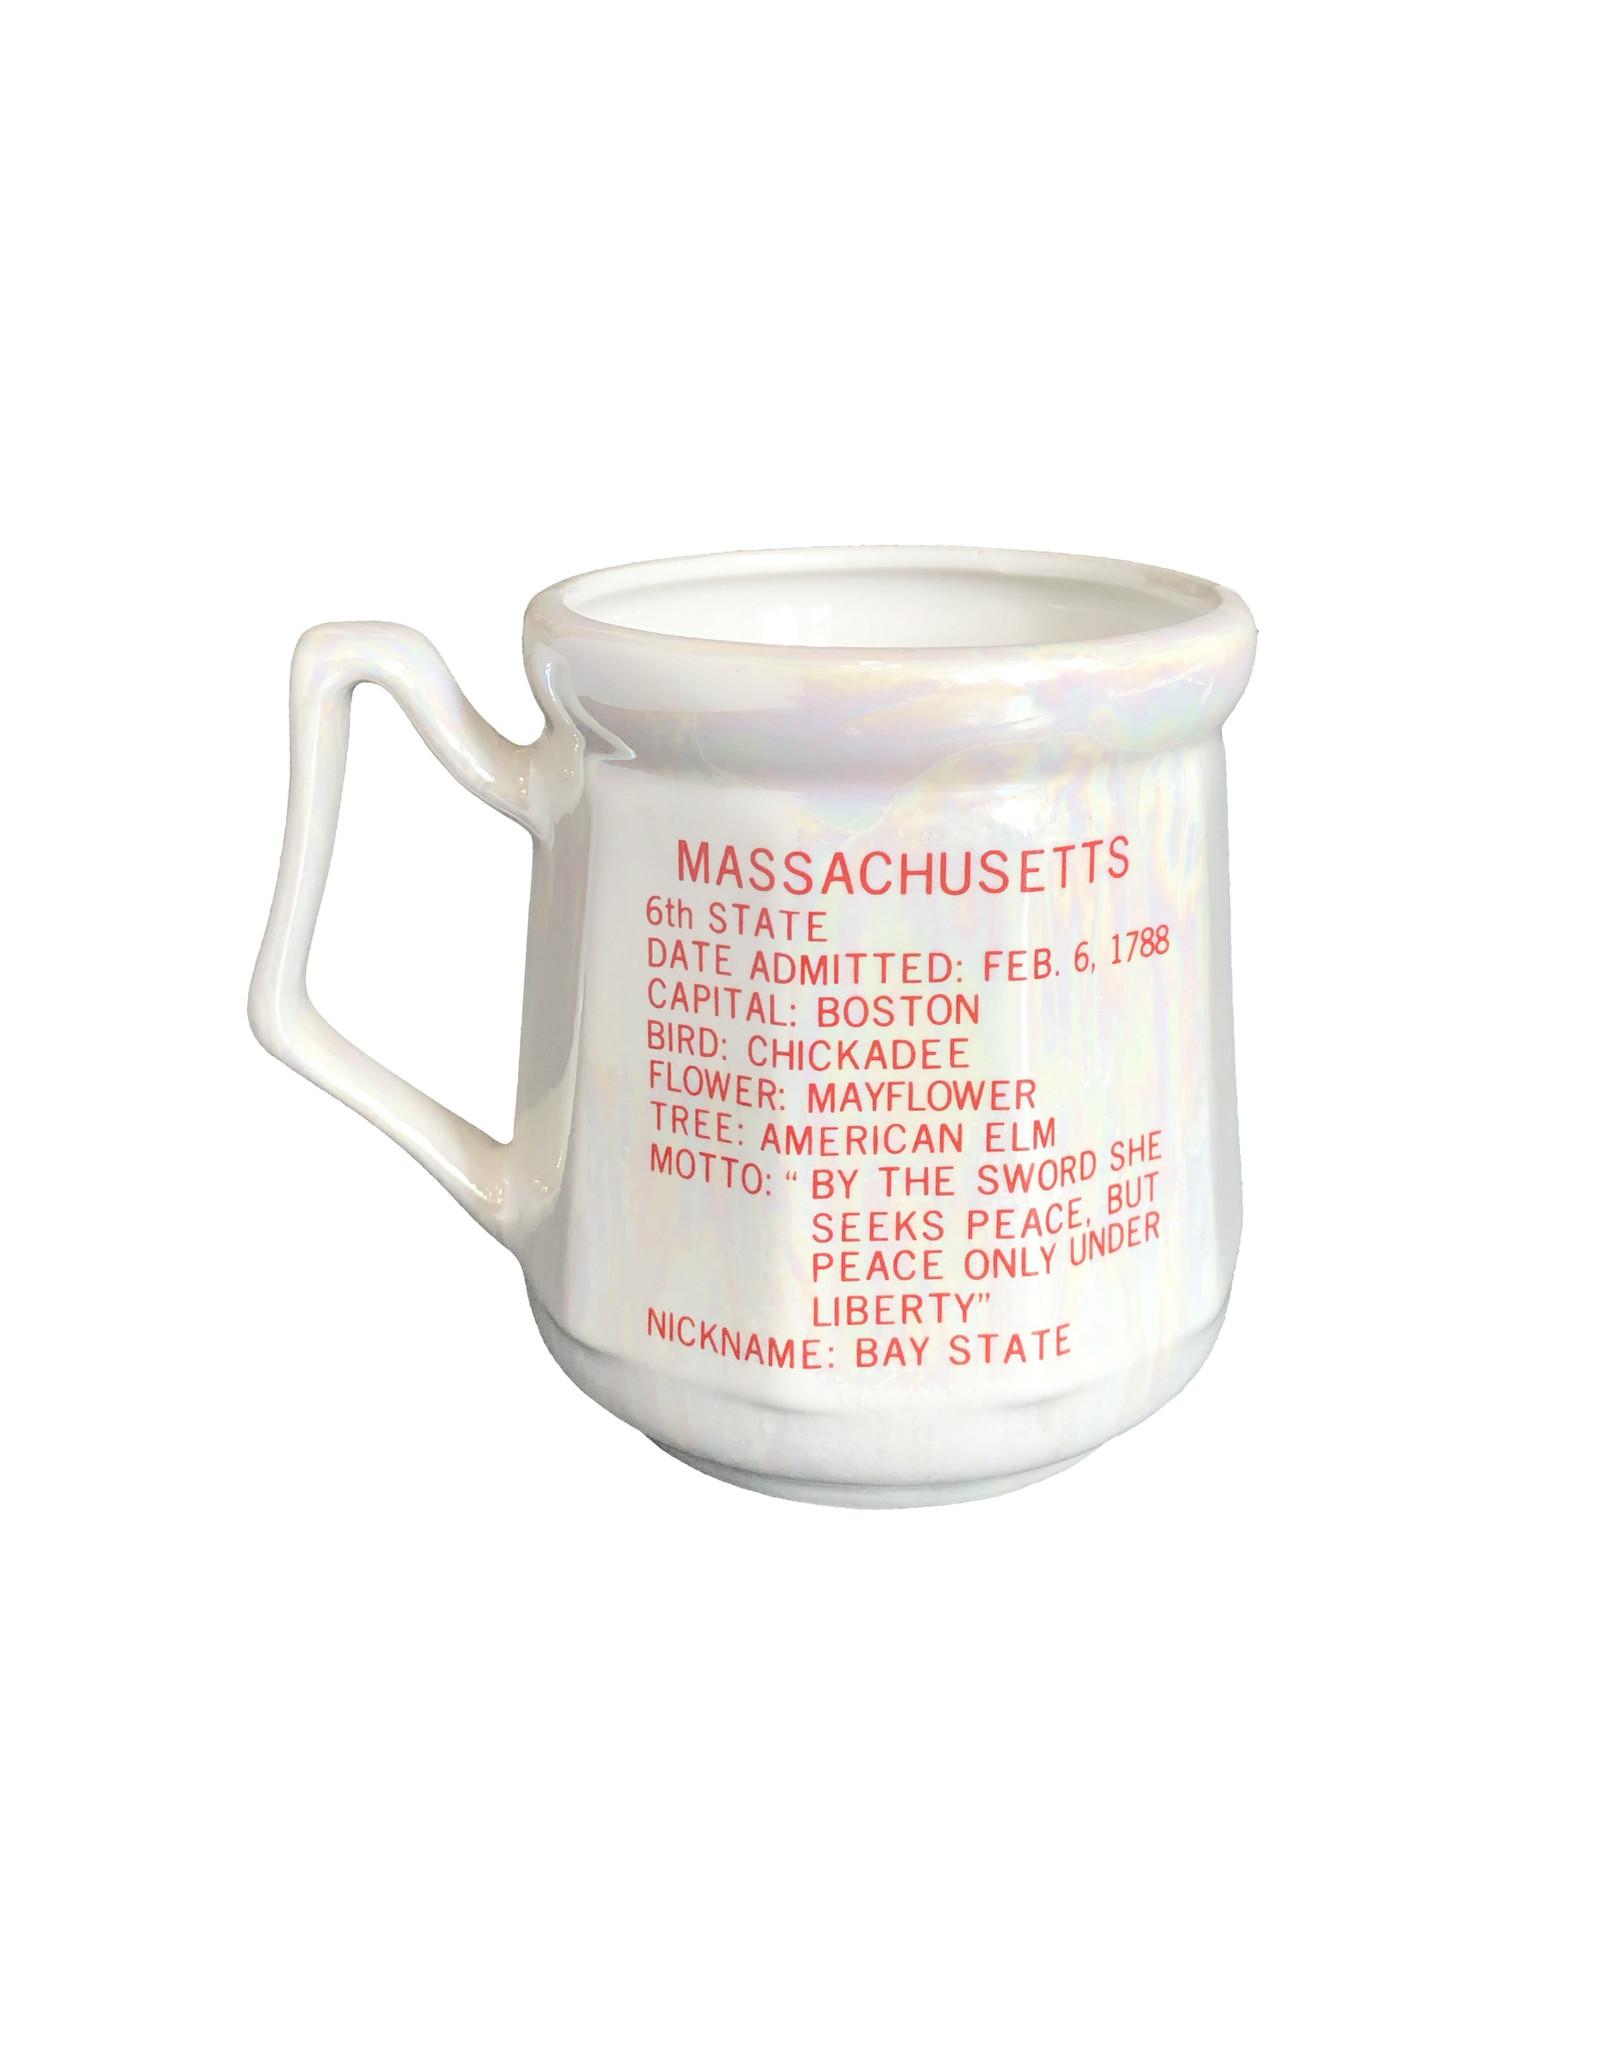 Massachusetts Luster Mug